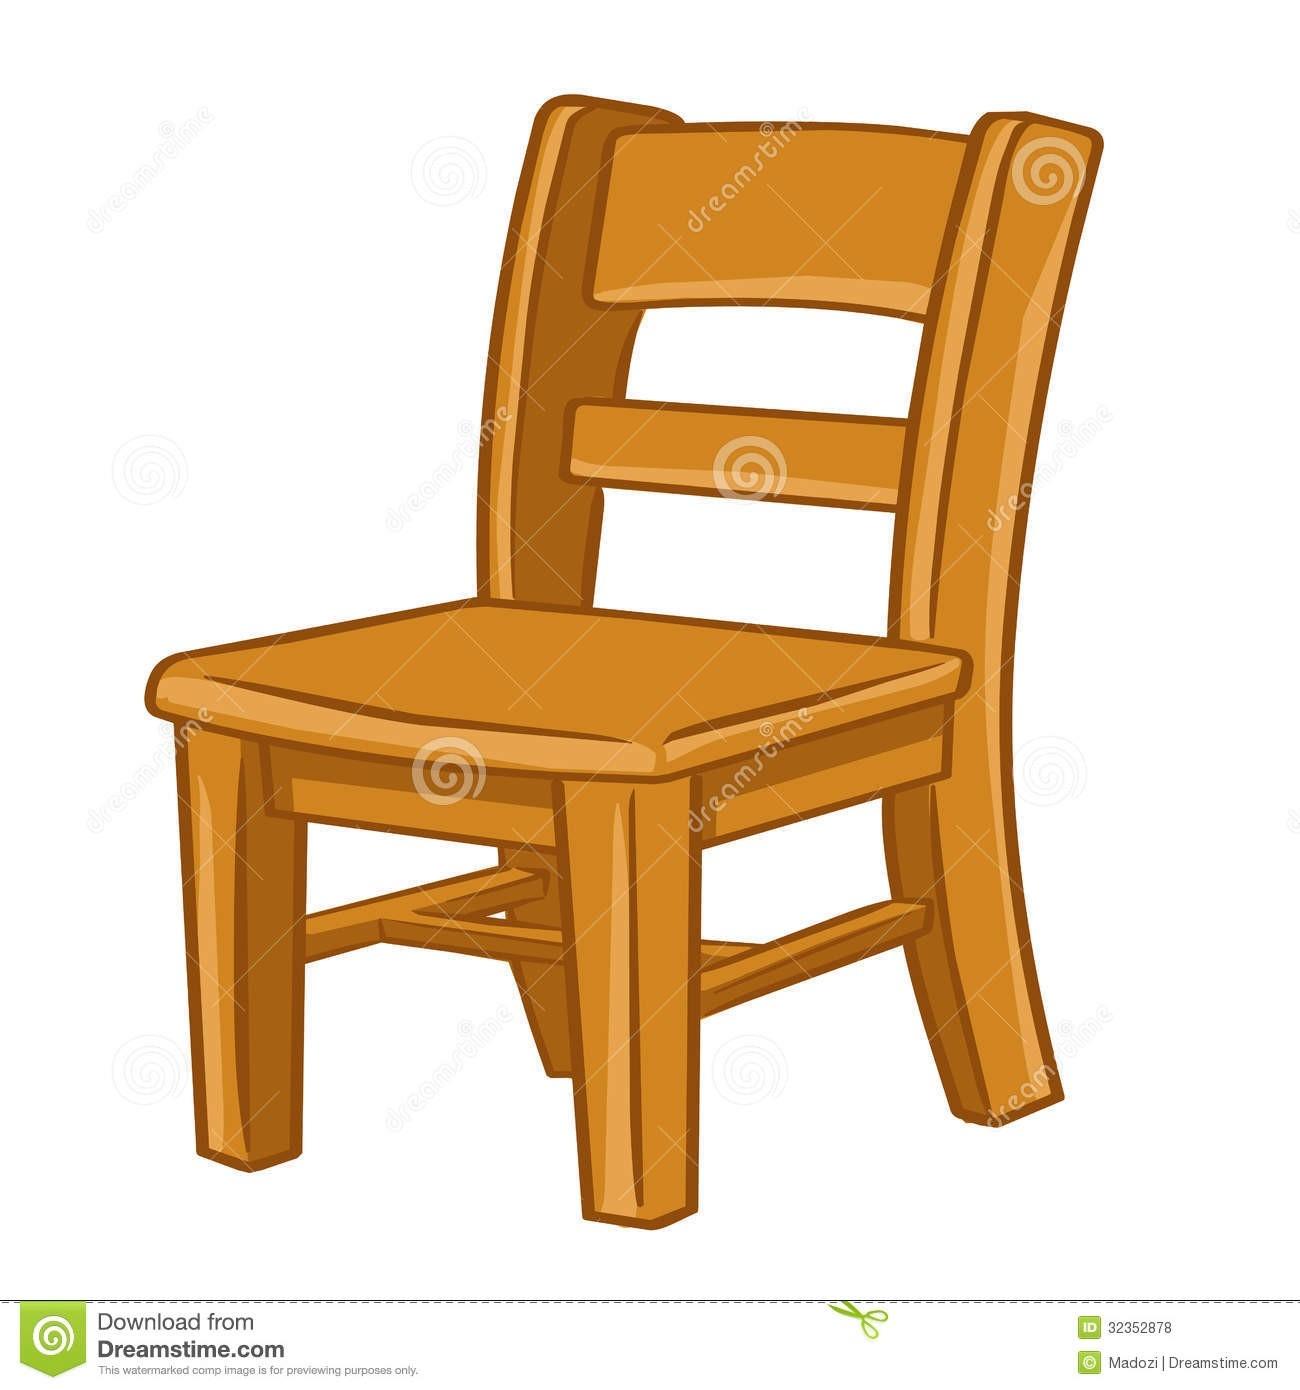 Chair clipart. Furniture walpaper clip art